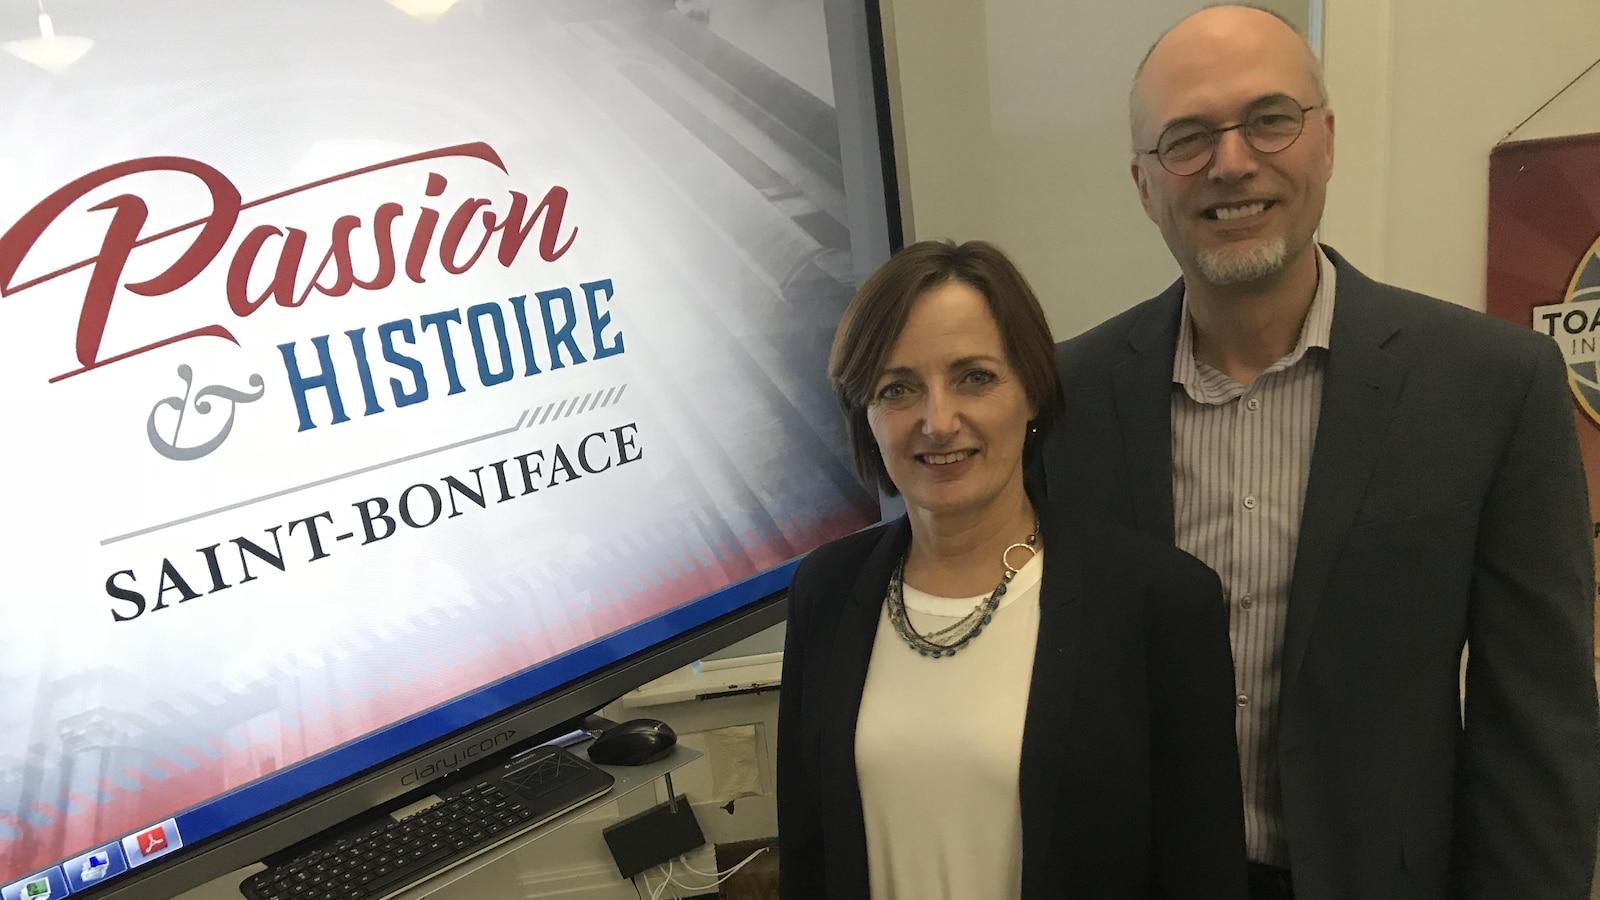 Un homme et une femme sont debout à côté d'un écran où l'on peut lire « Passion et histoire Saint-Boniface».